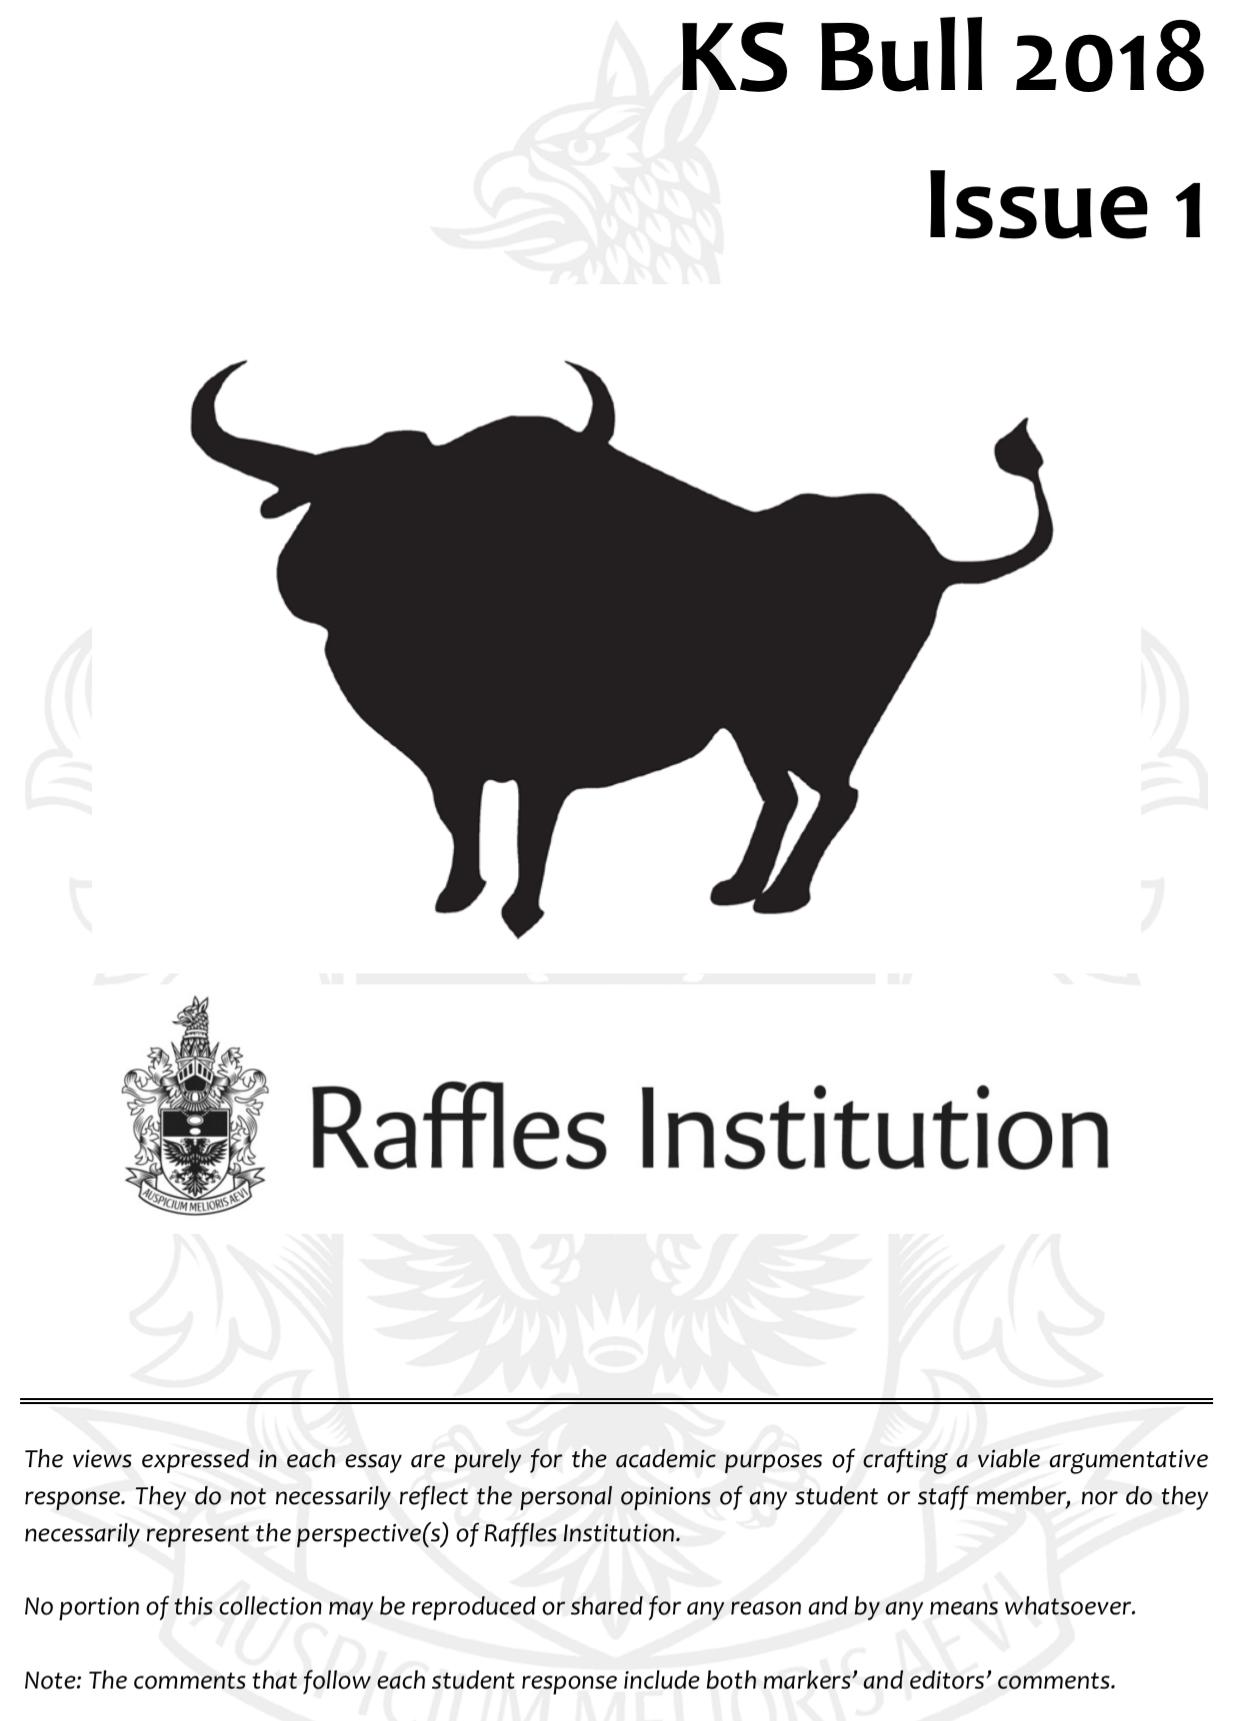 ks bull essays for scholarships